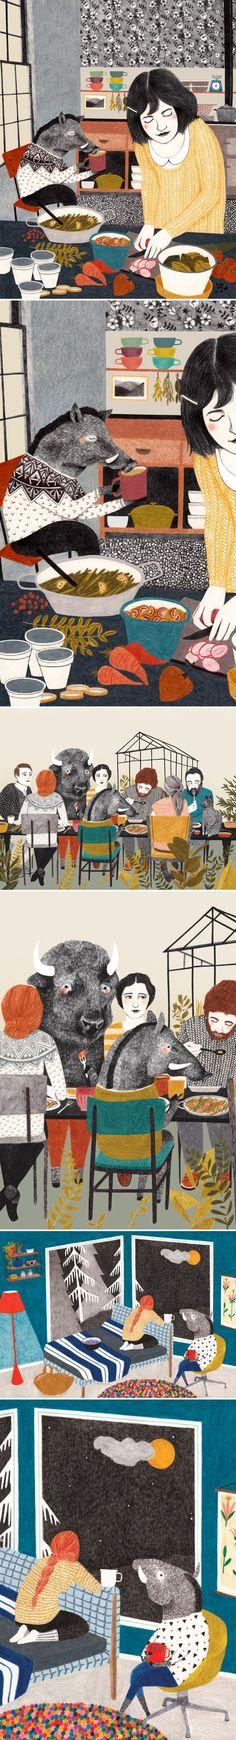 Art Inspiration: Whimsical Illustrations By Lieke van der Vorst.